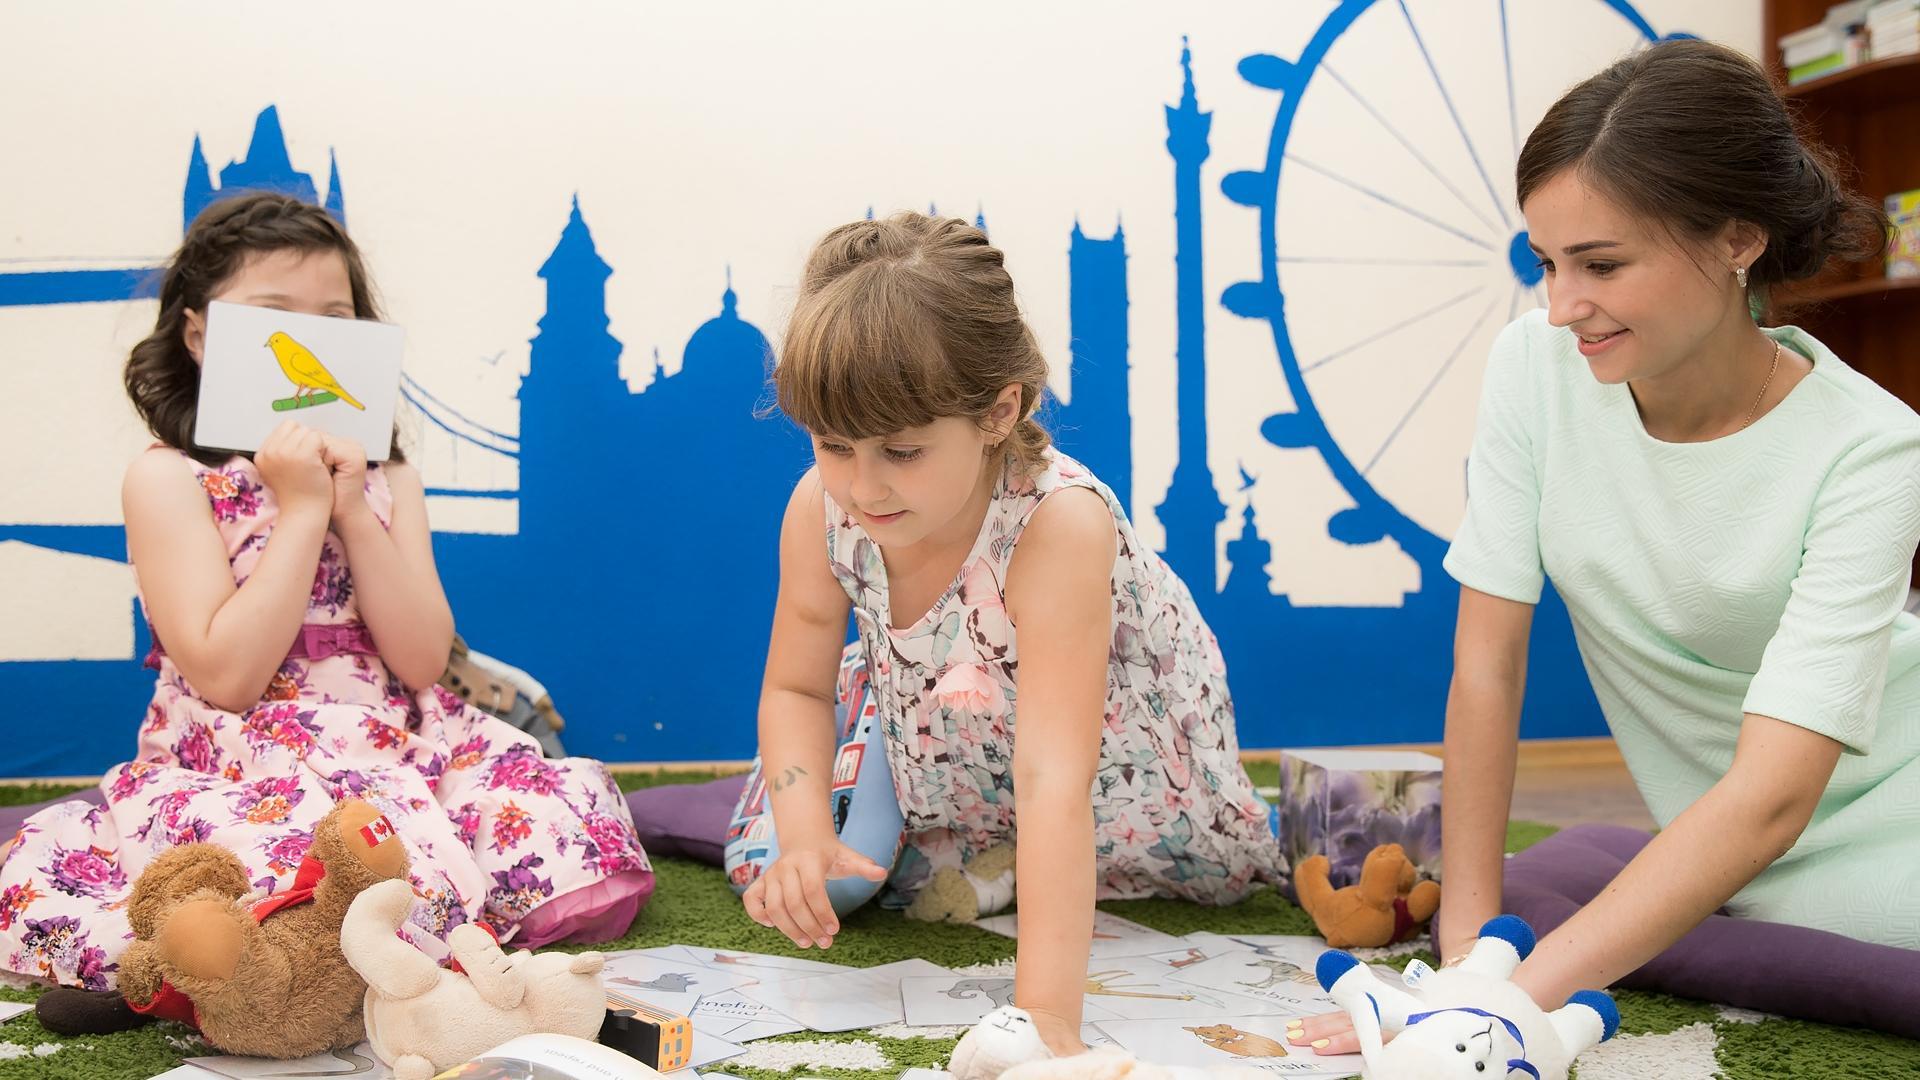 Иностранный язык не делает детей более внимательными